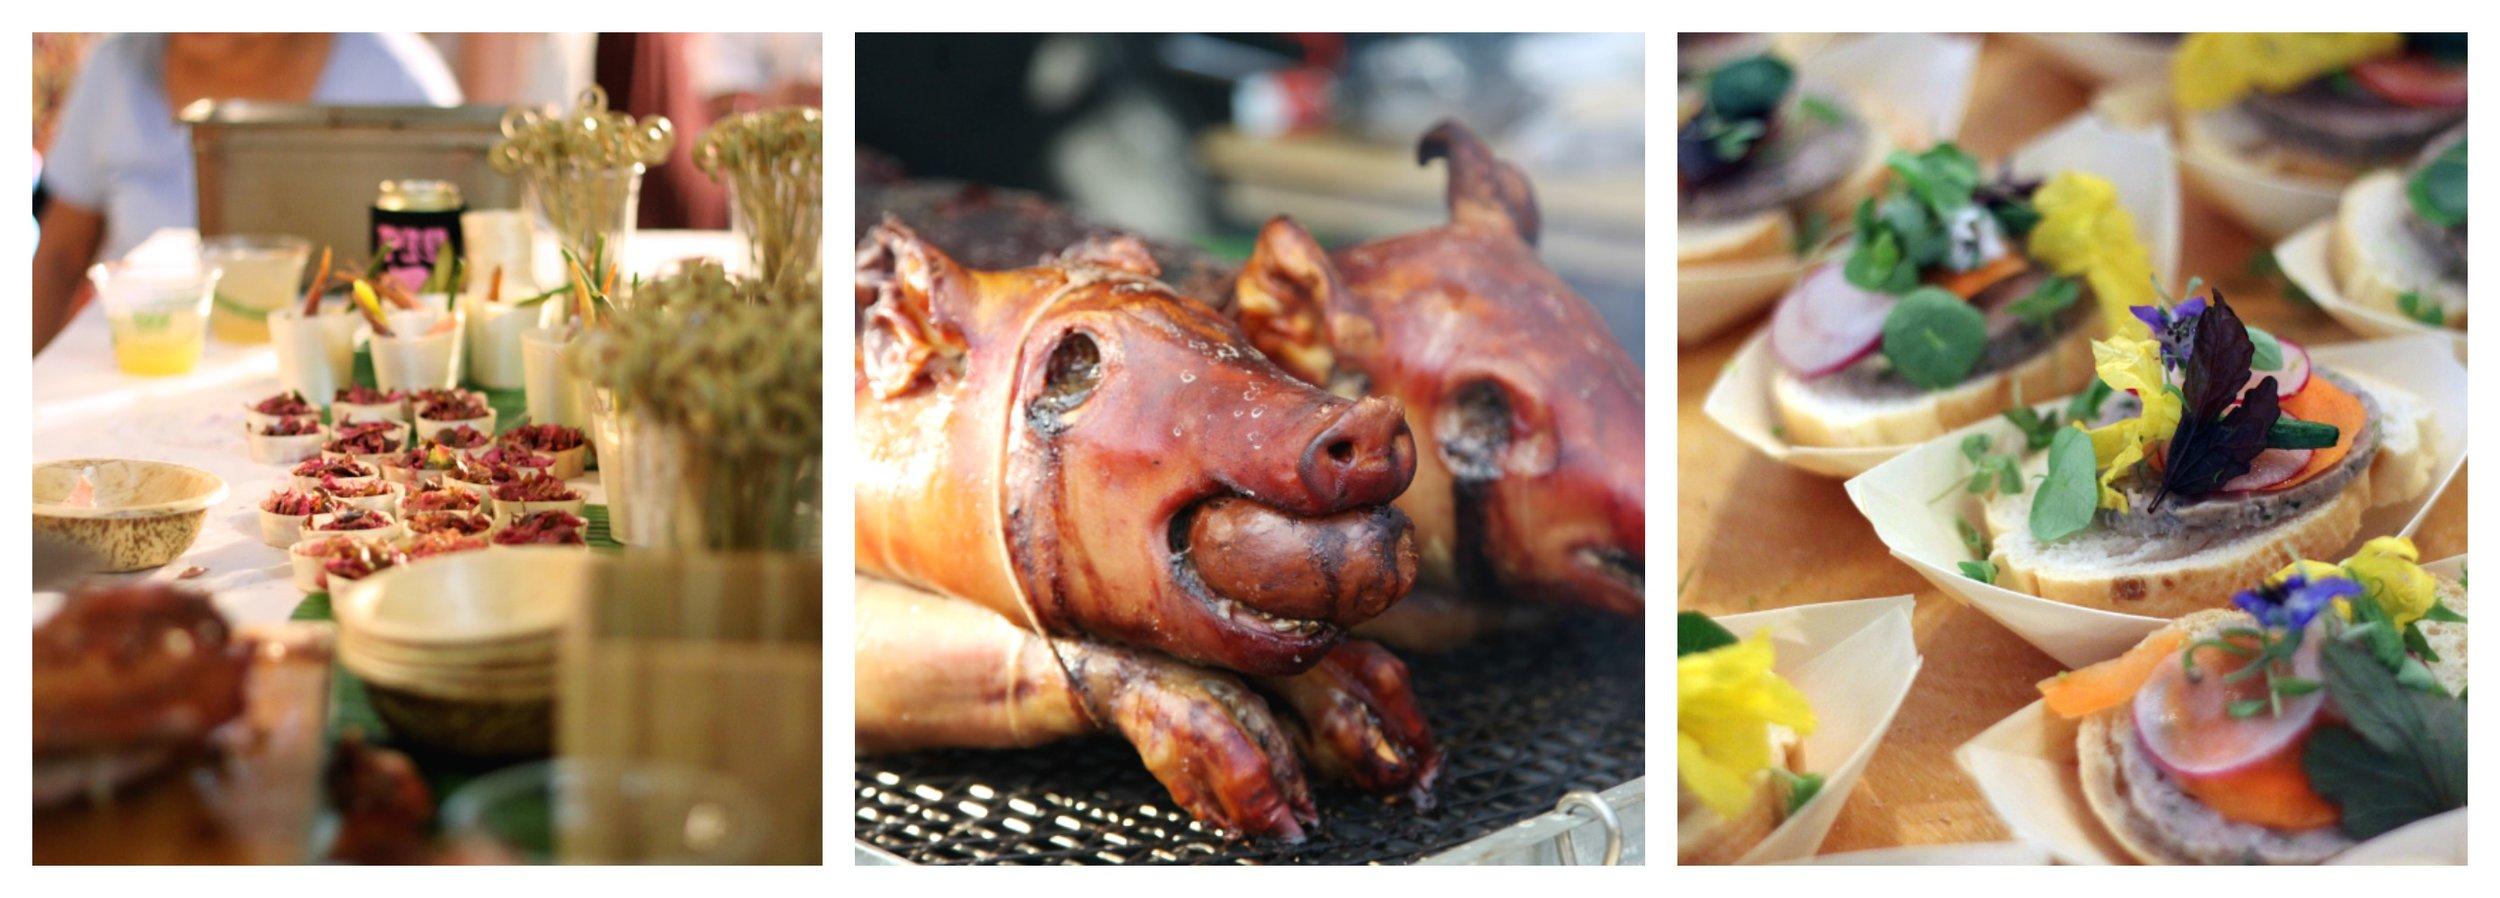 PIG 7 Pork is Good Miami 2016 Food